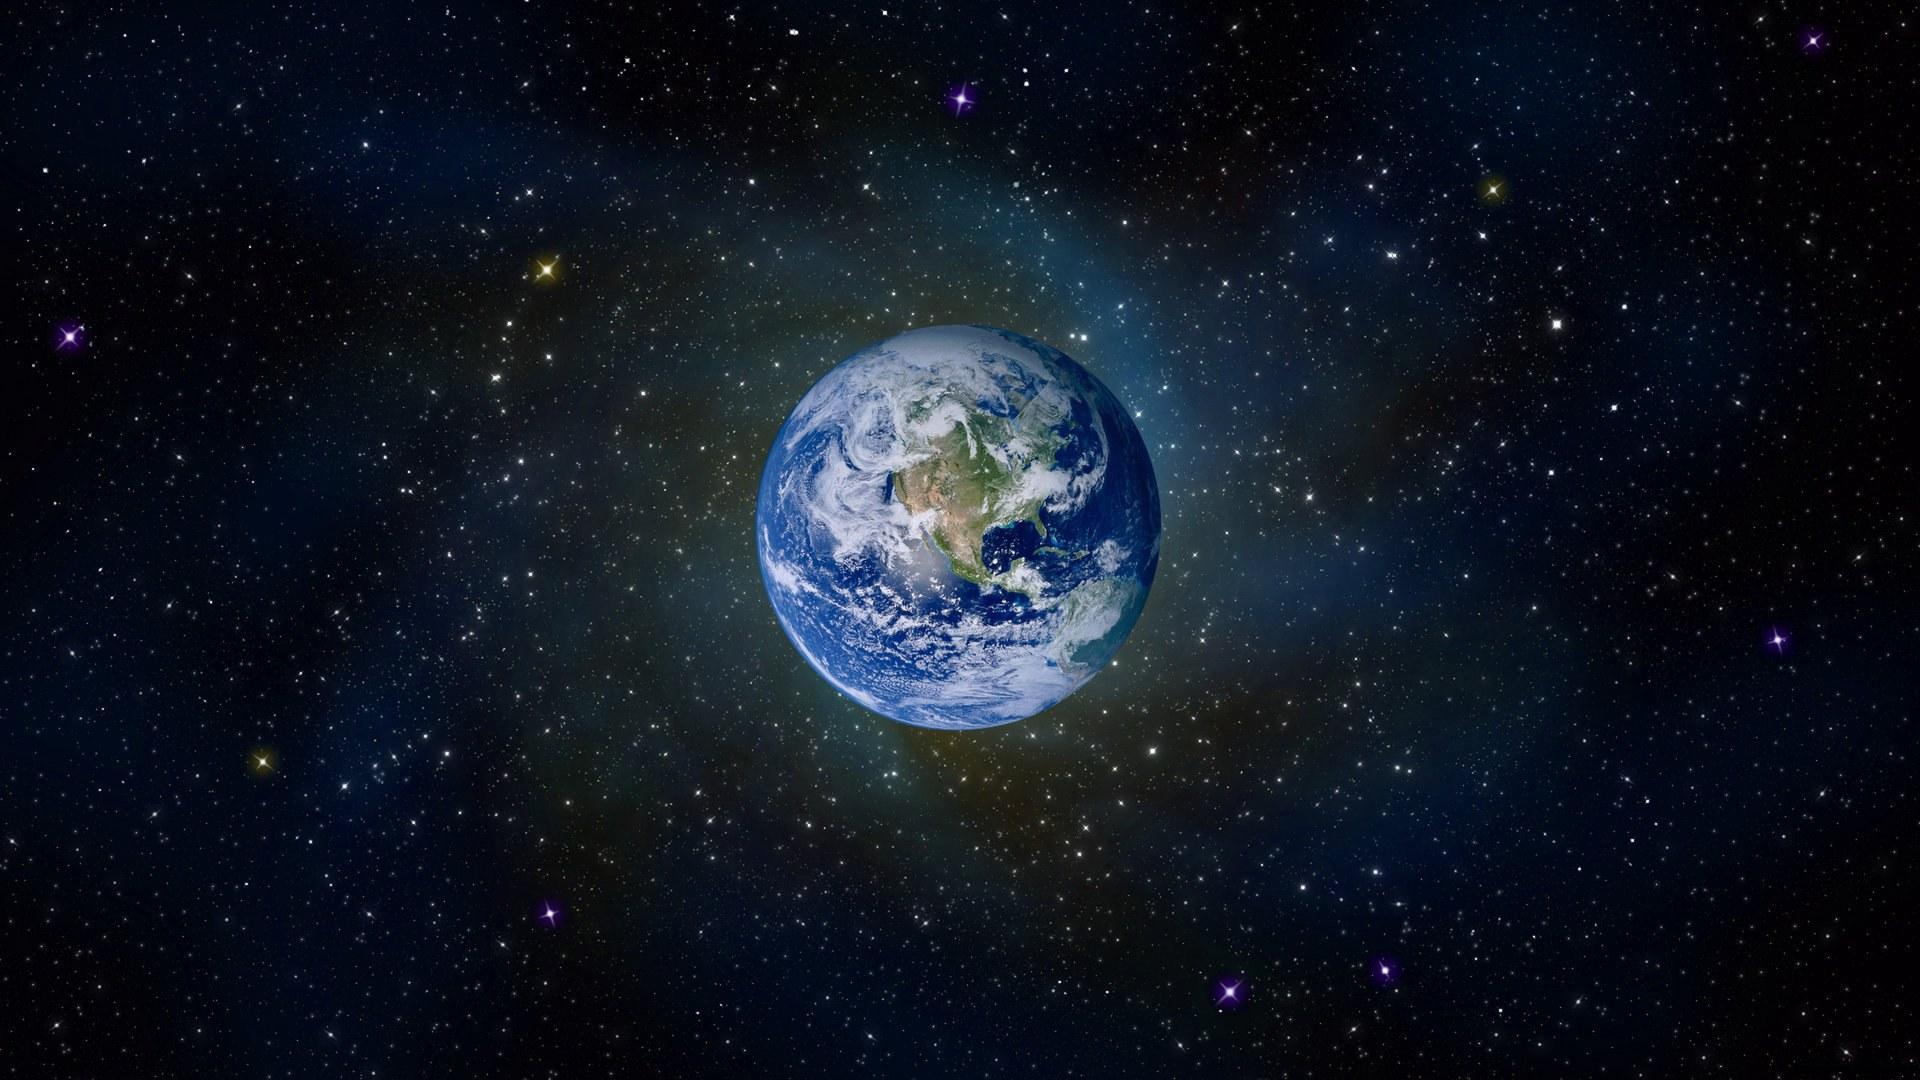 Há uma barreira feita pelo homem no espaço, envolvendo toda a Terra